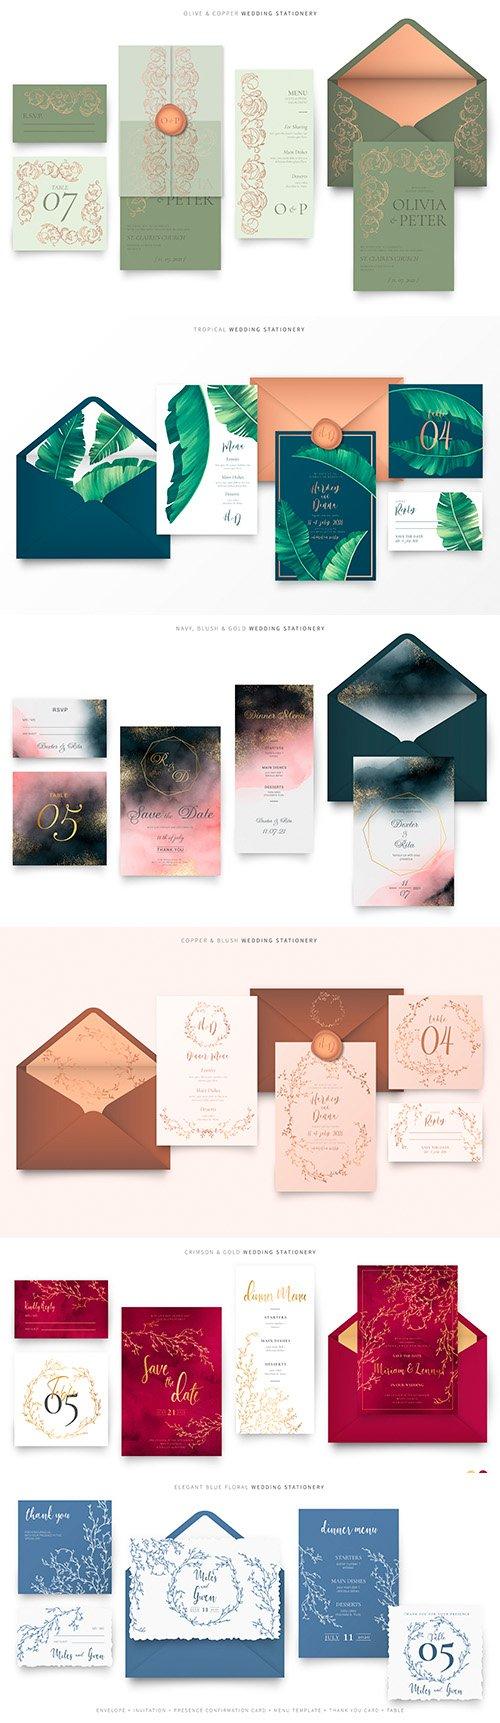 Elegant wedding stationery with decorative elements